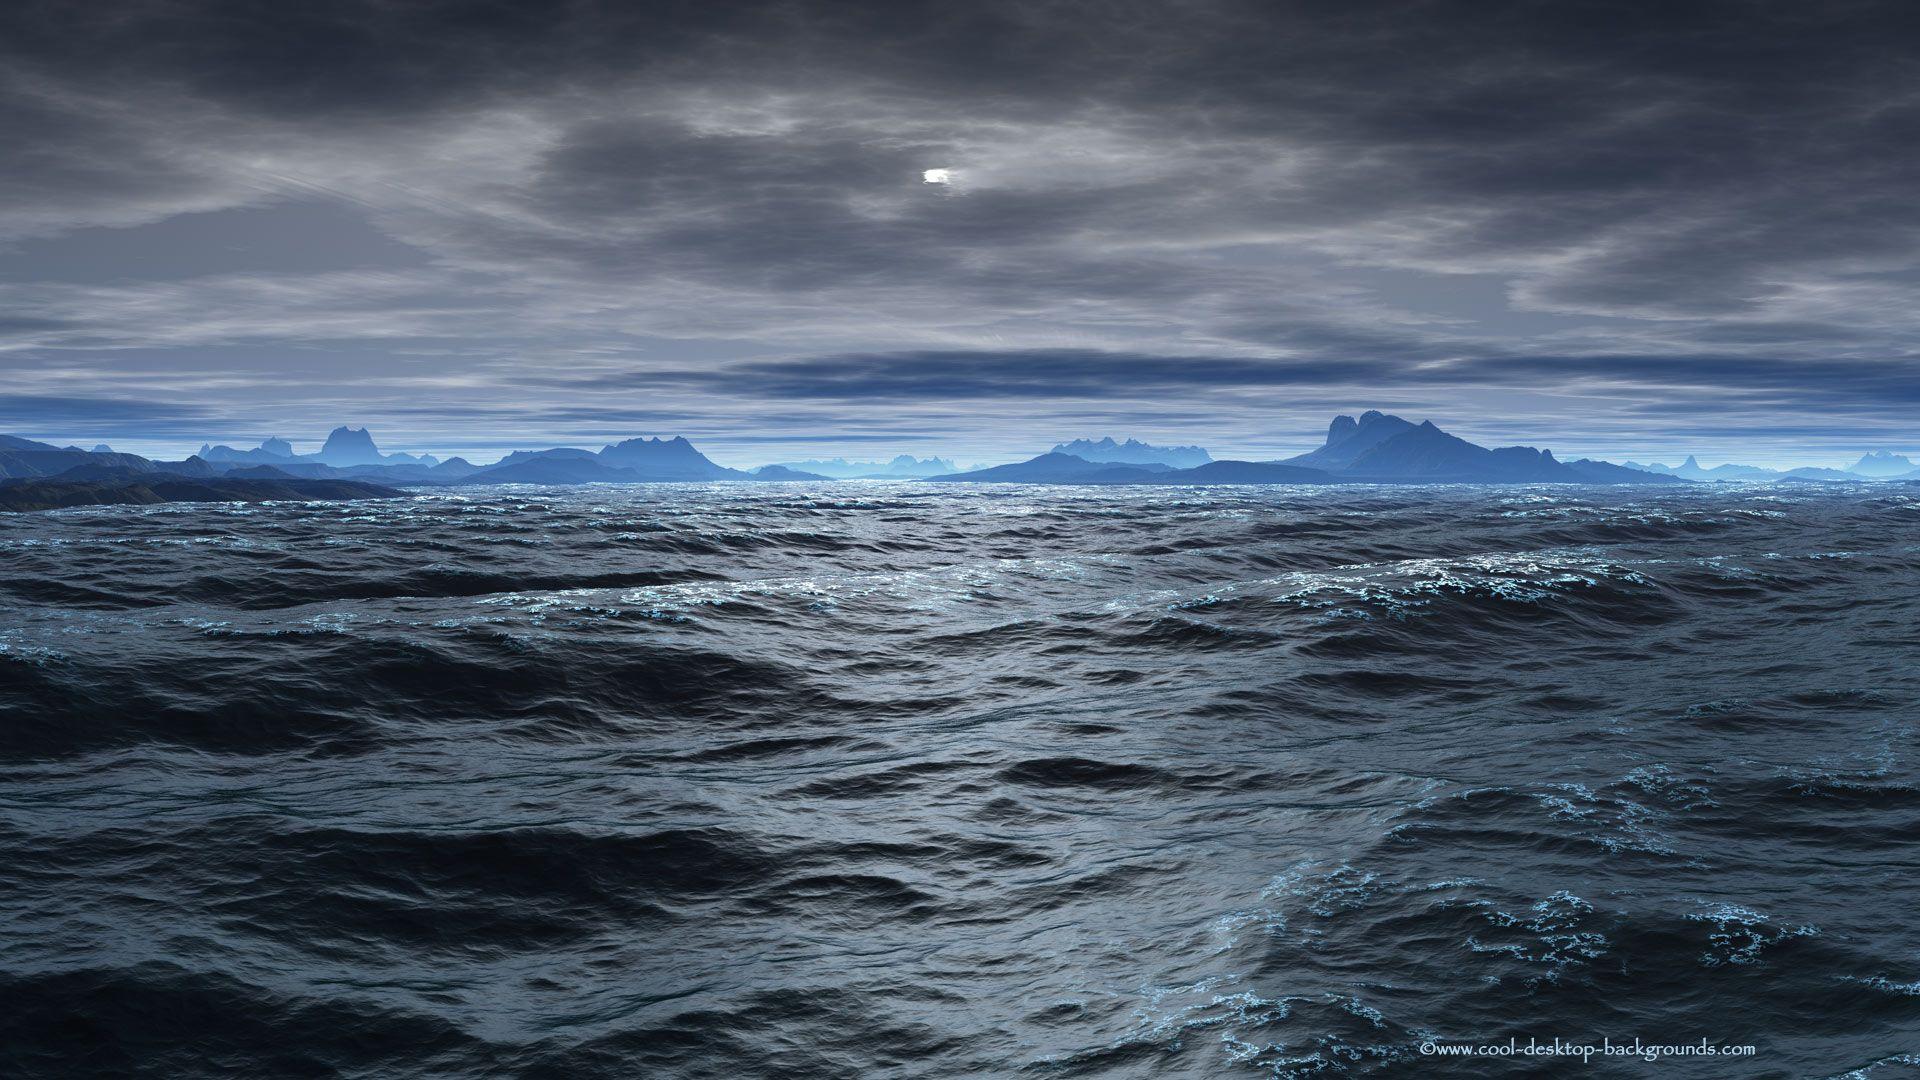 sea wallpaper Download 1920x1080